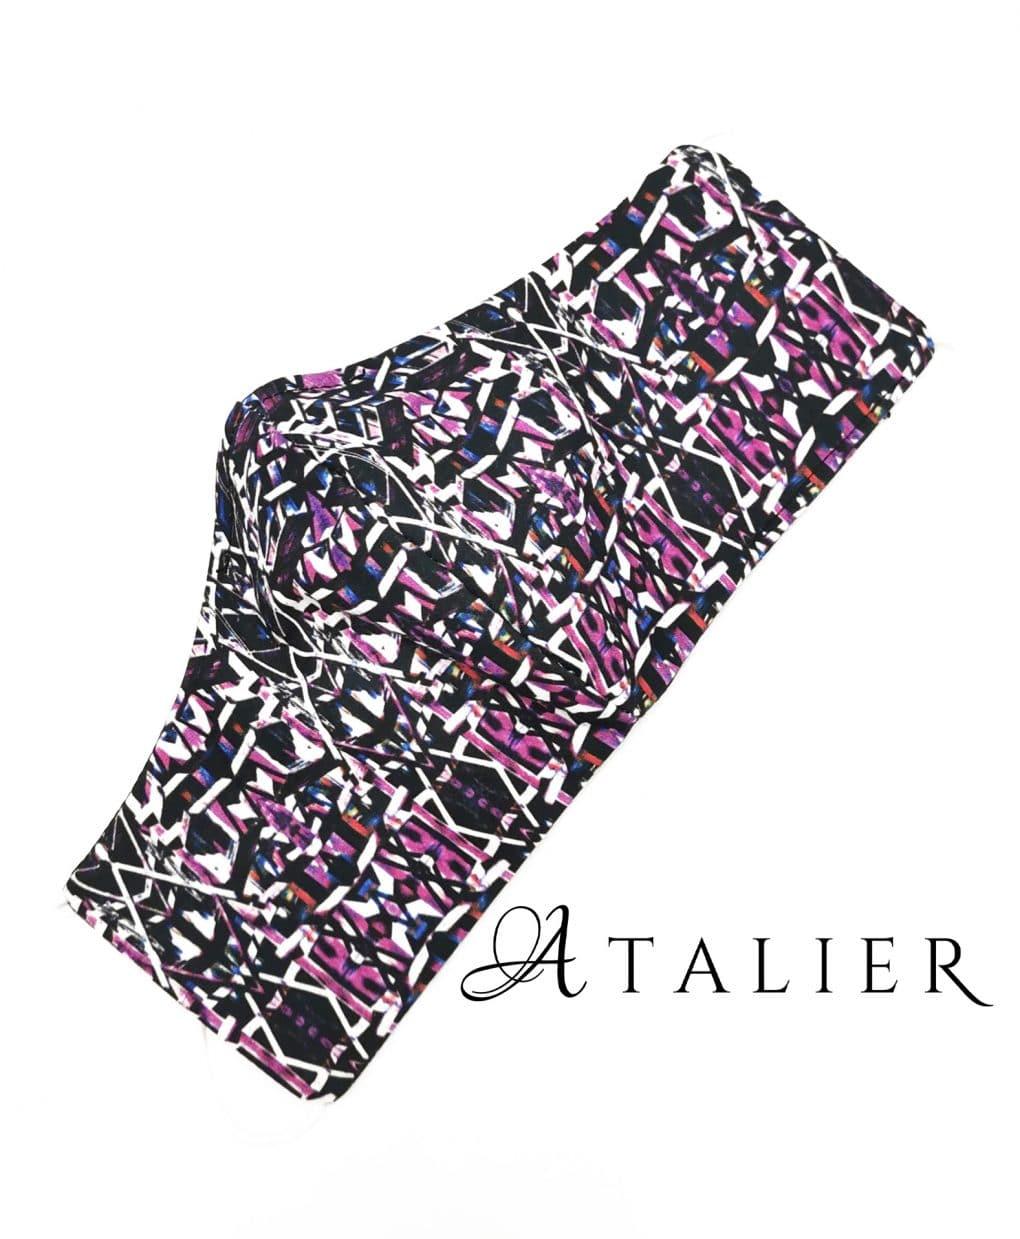 Atalier-Design-Cotton-Face-Covering-Metropolis